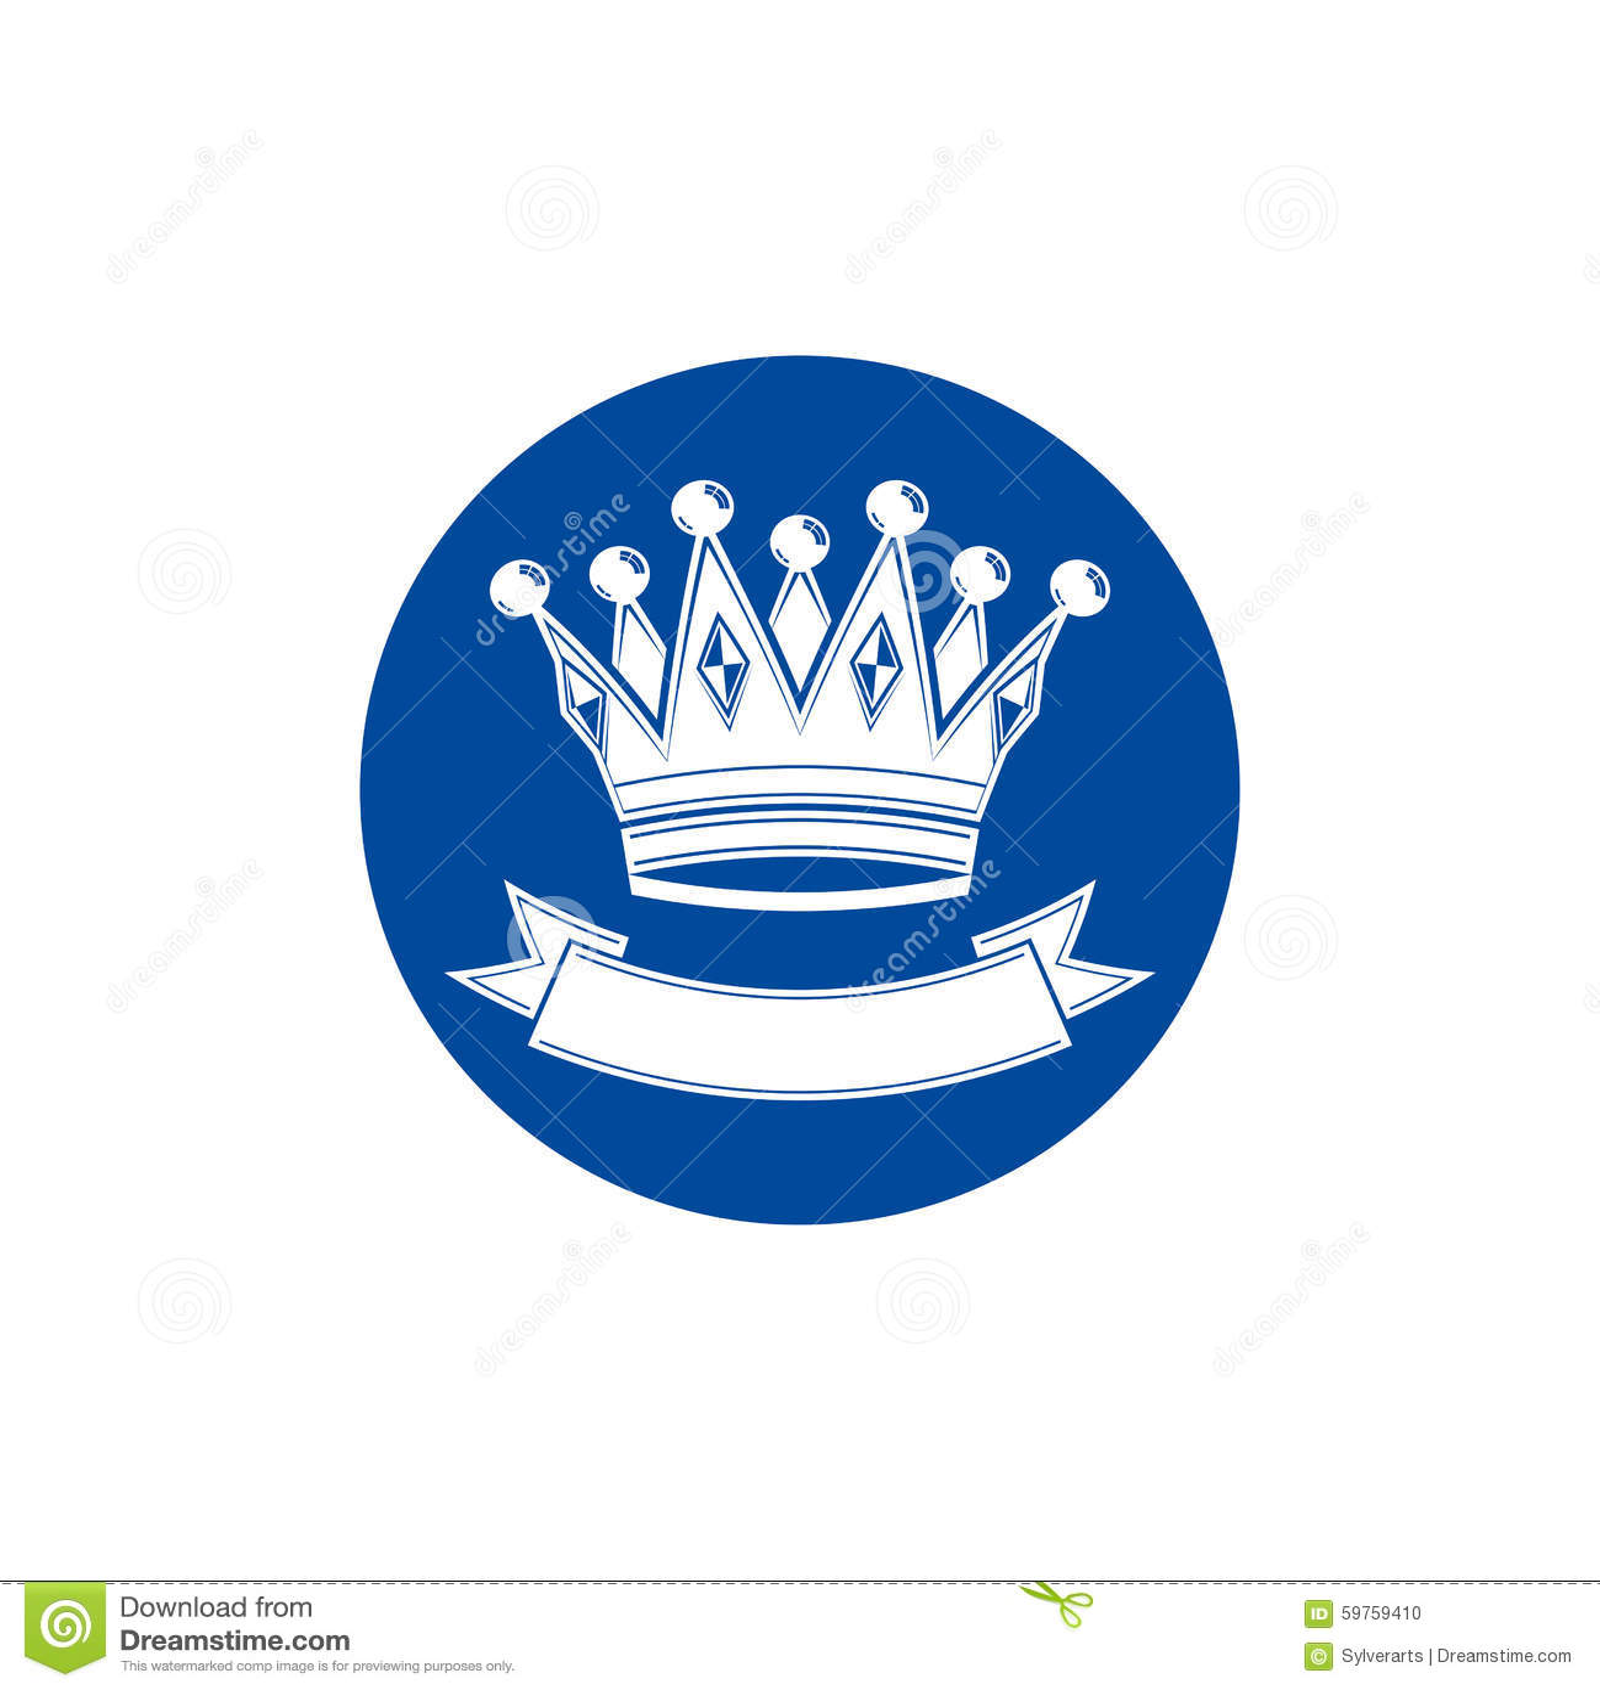 [ALL] Corona Elegante Rara in Catalogo su Habbo - Pagina 2 Corona-elegante-del-monarca-d-adornada-con-la-cinta-s%C3%ADmbolo-de-los-derechos-59759410